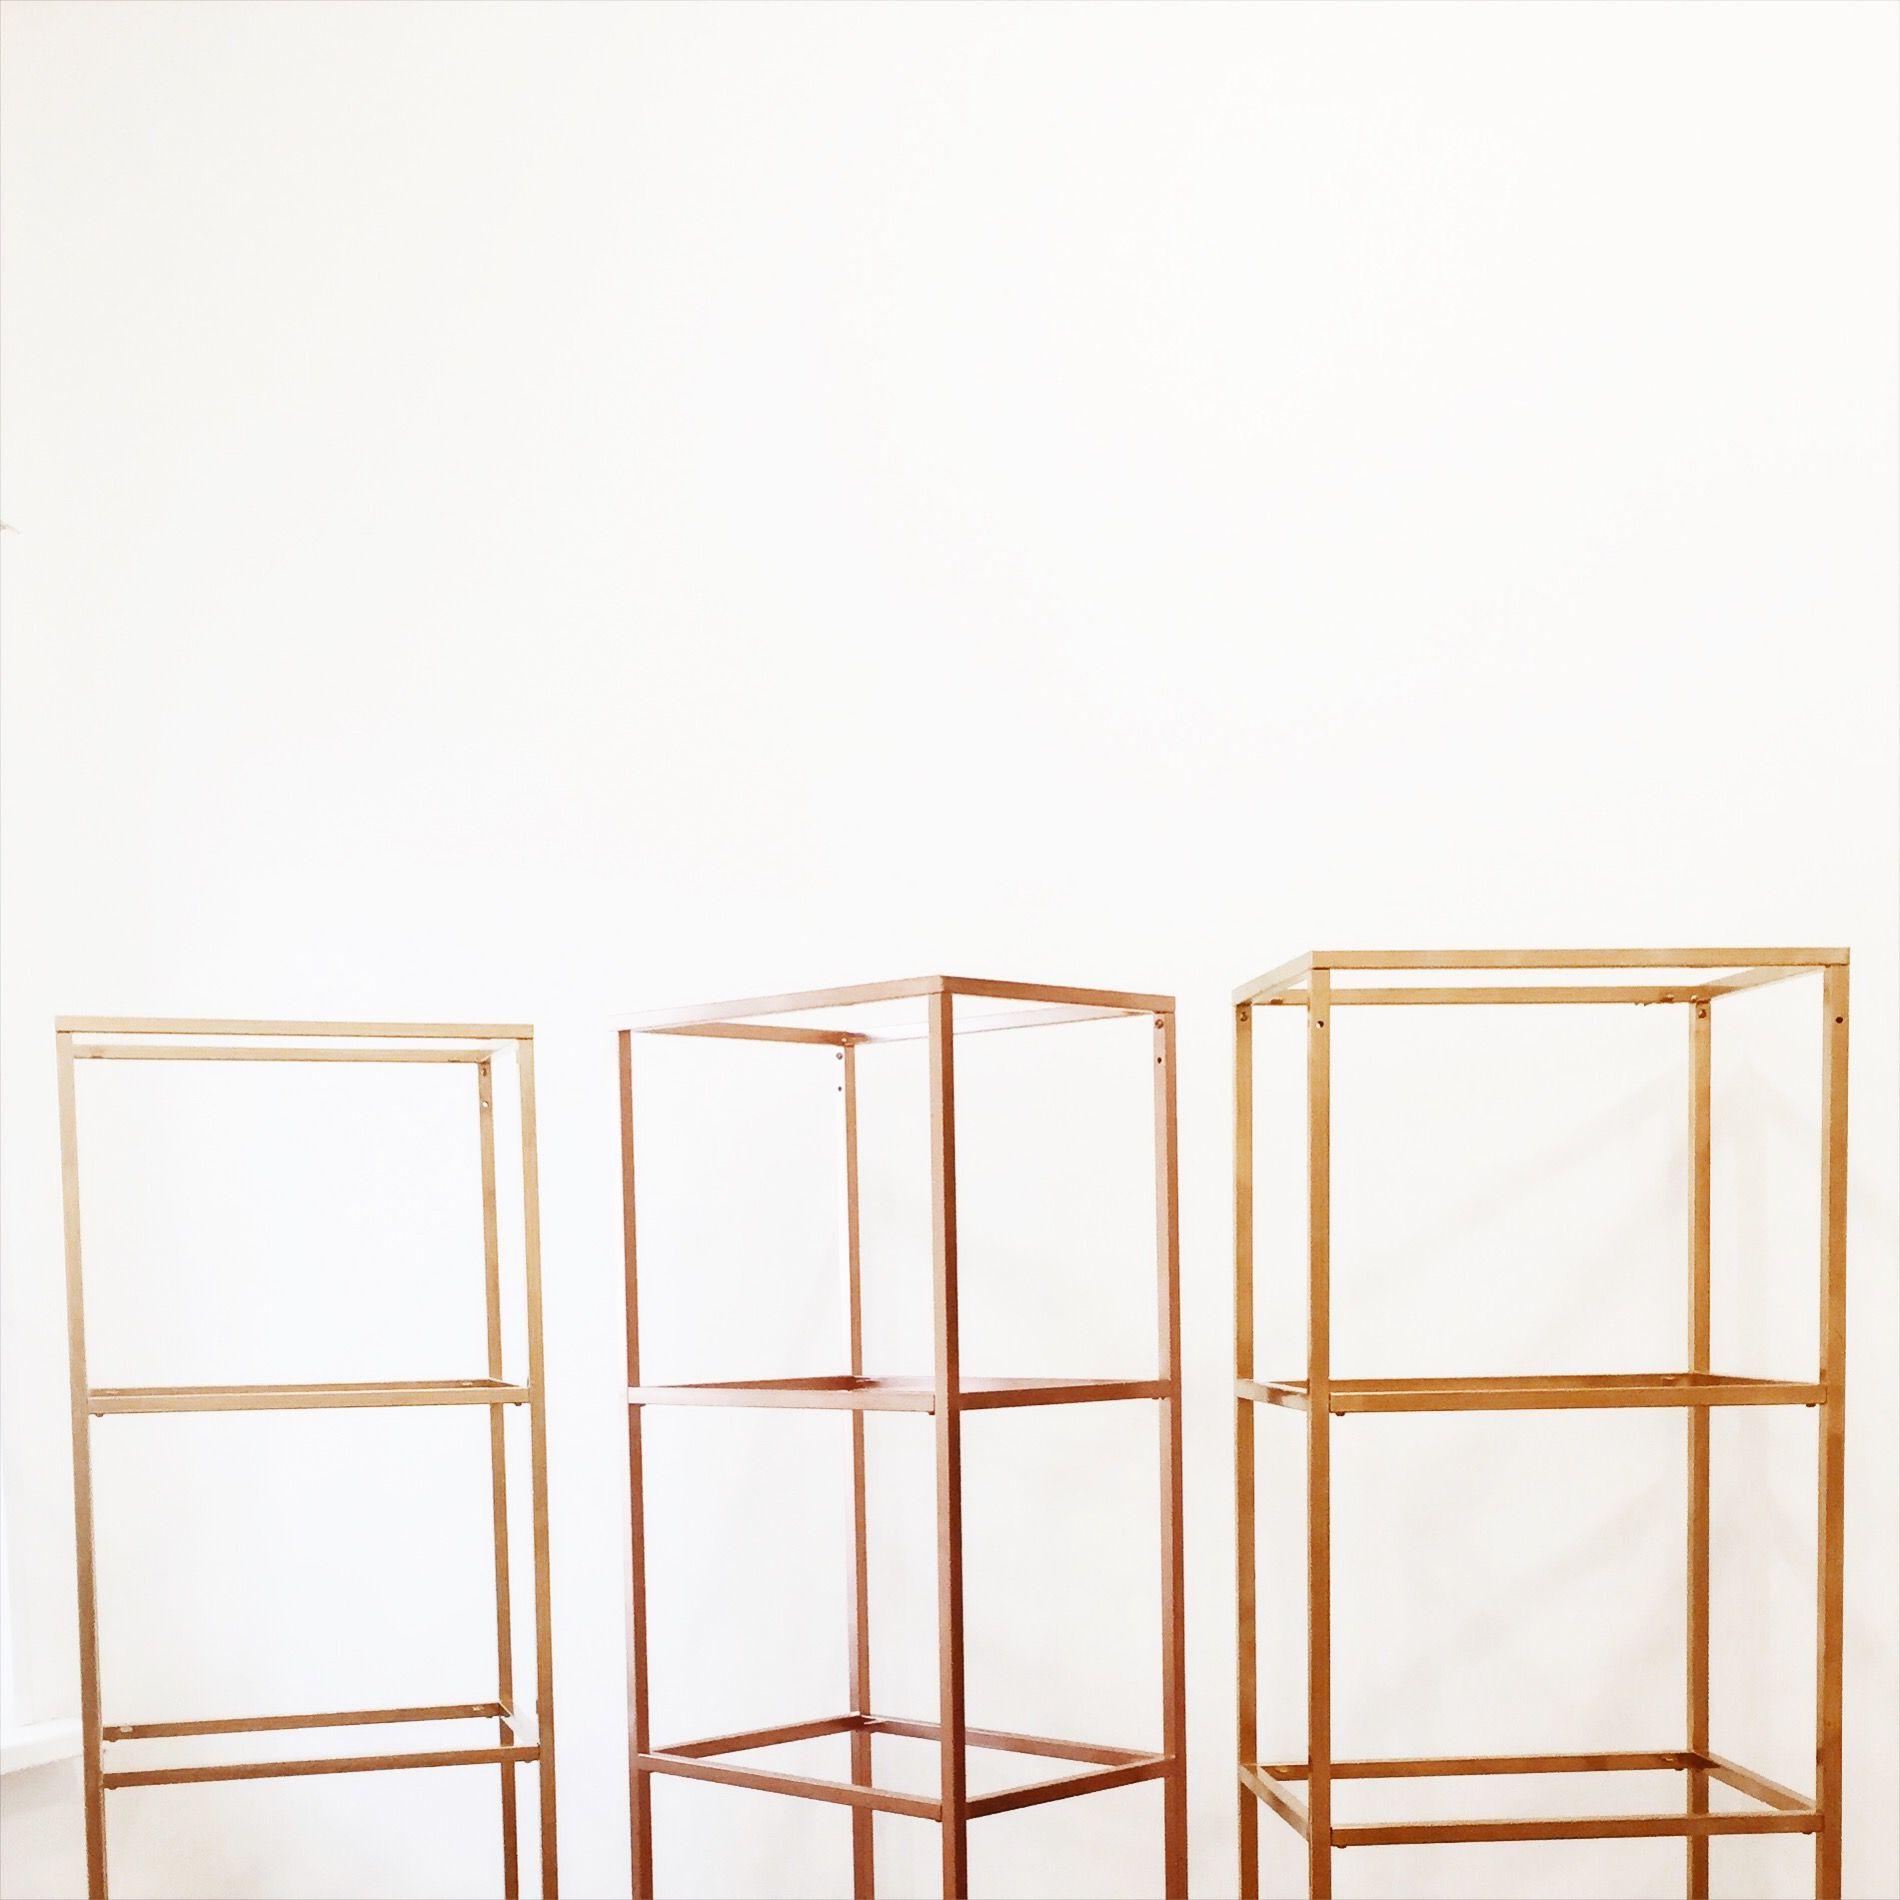 стеллажи IKEA покрашенные в золотистый цвет / шоурум ...